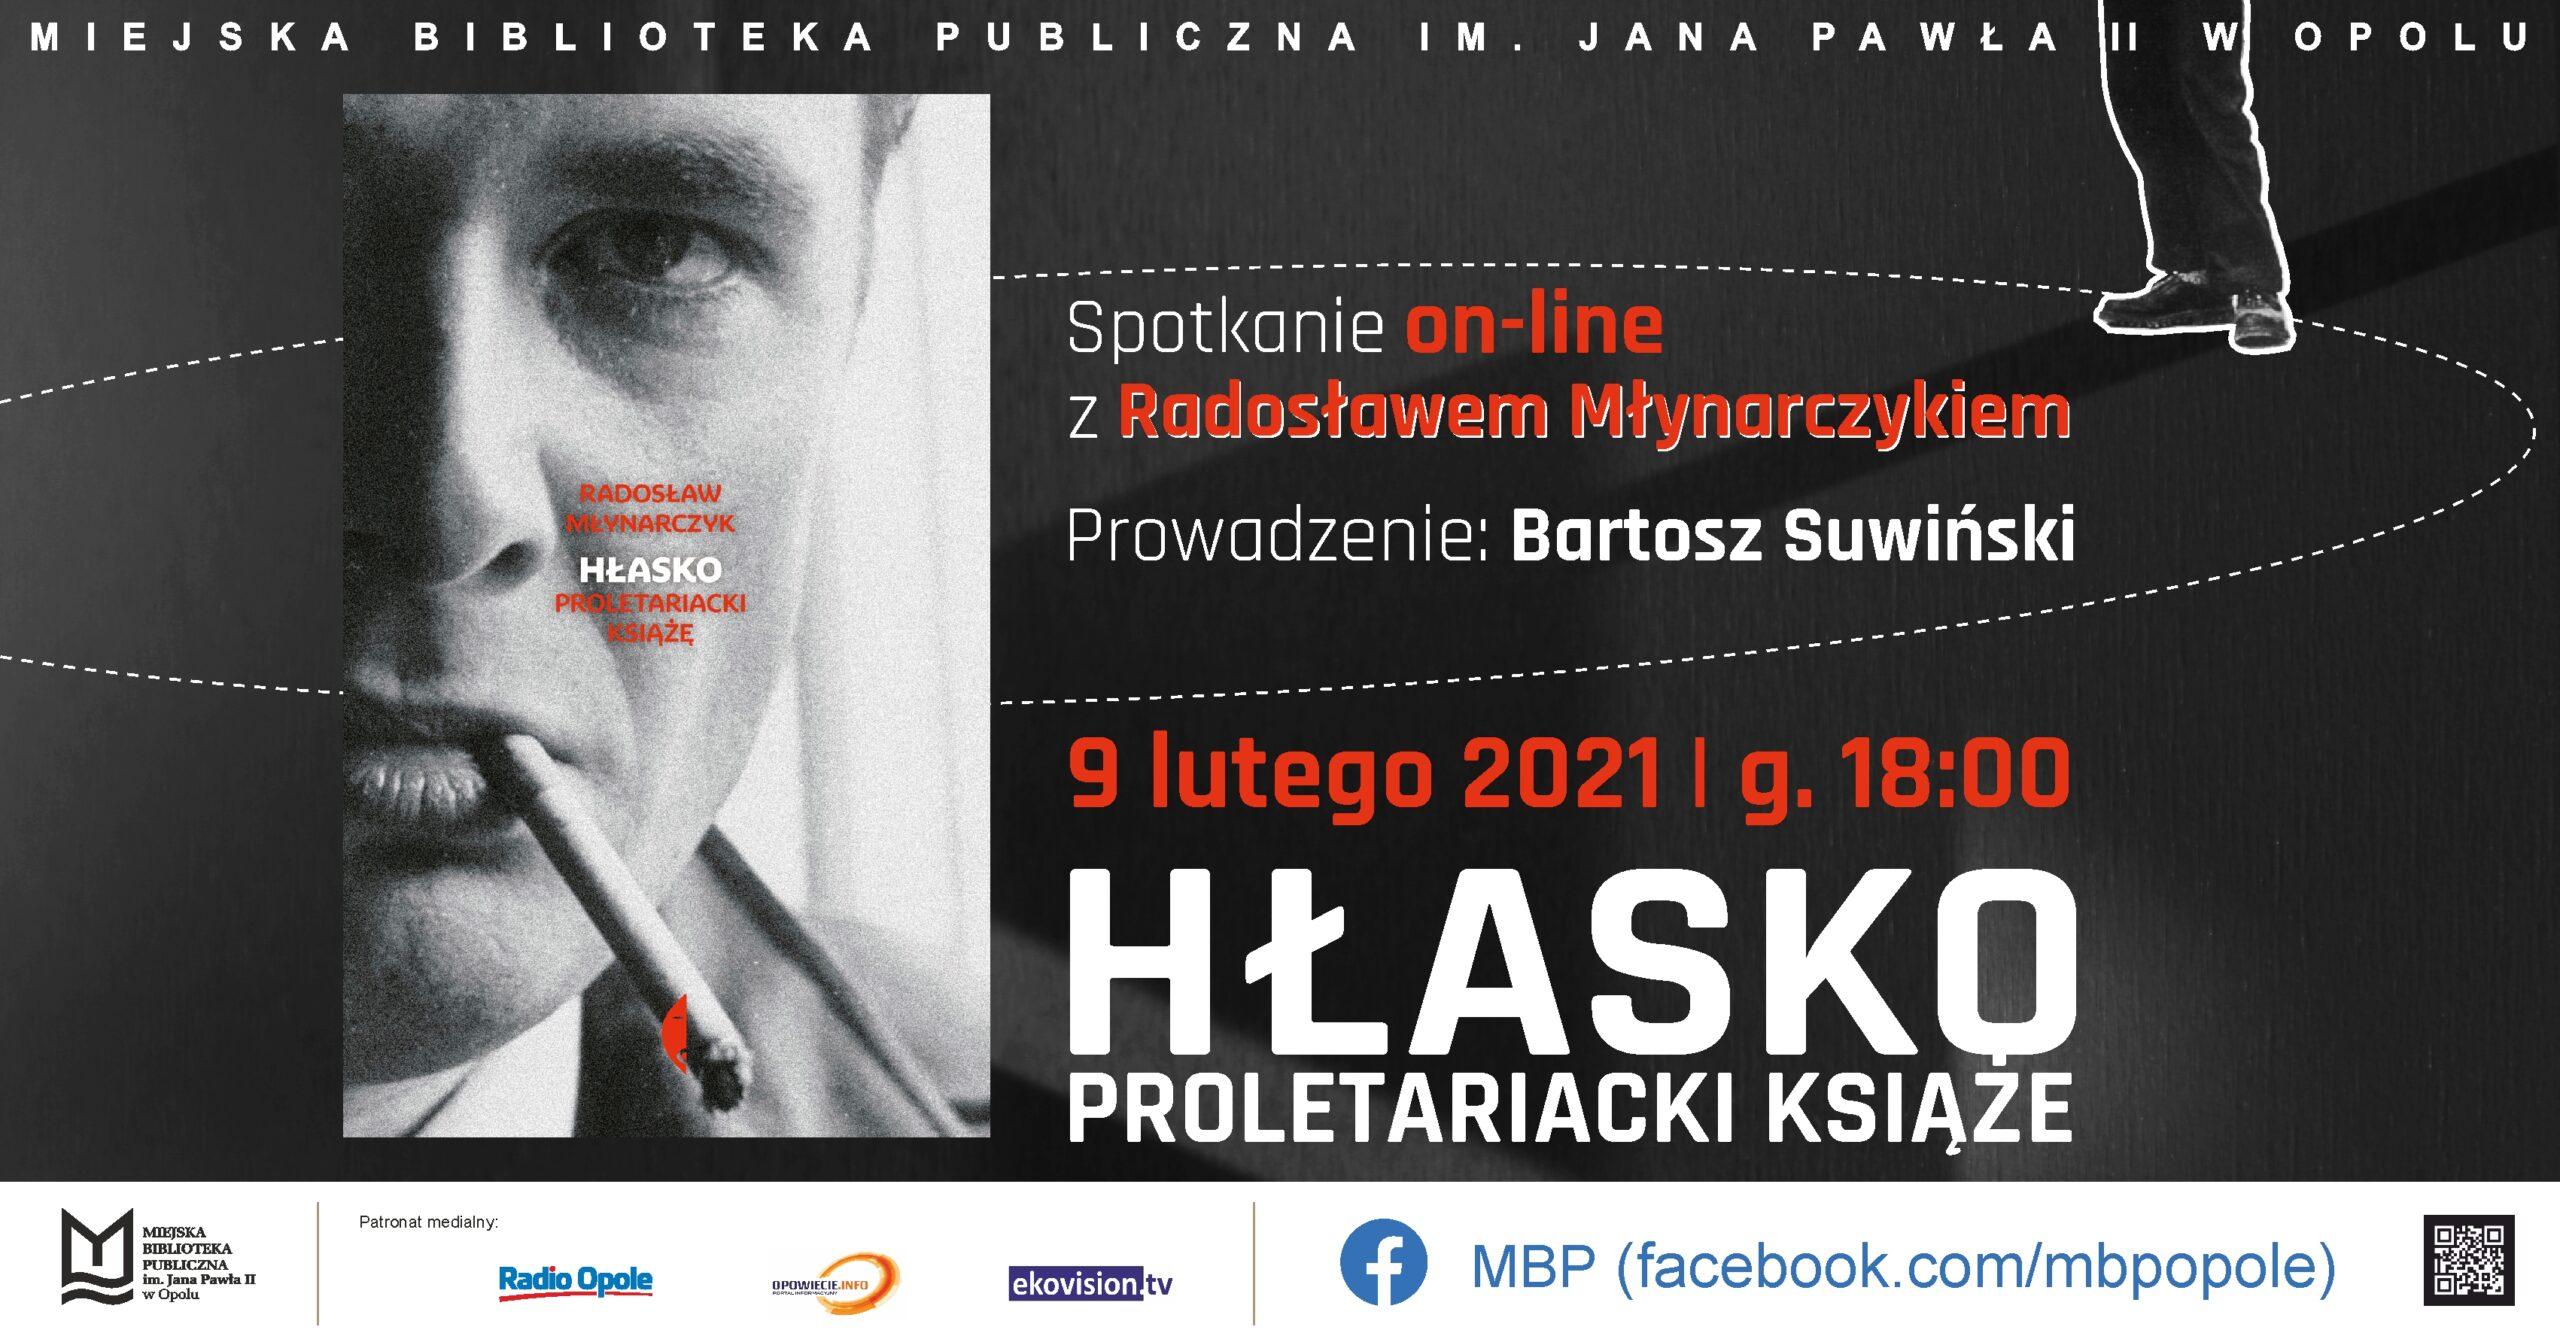 Hłasko. Proletariacki książę – spotkanie online z Radosławem Młynarczykiem